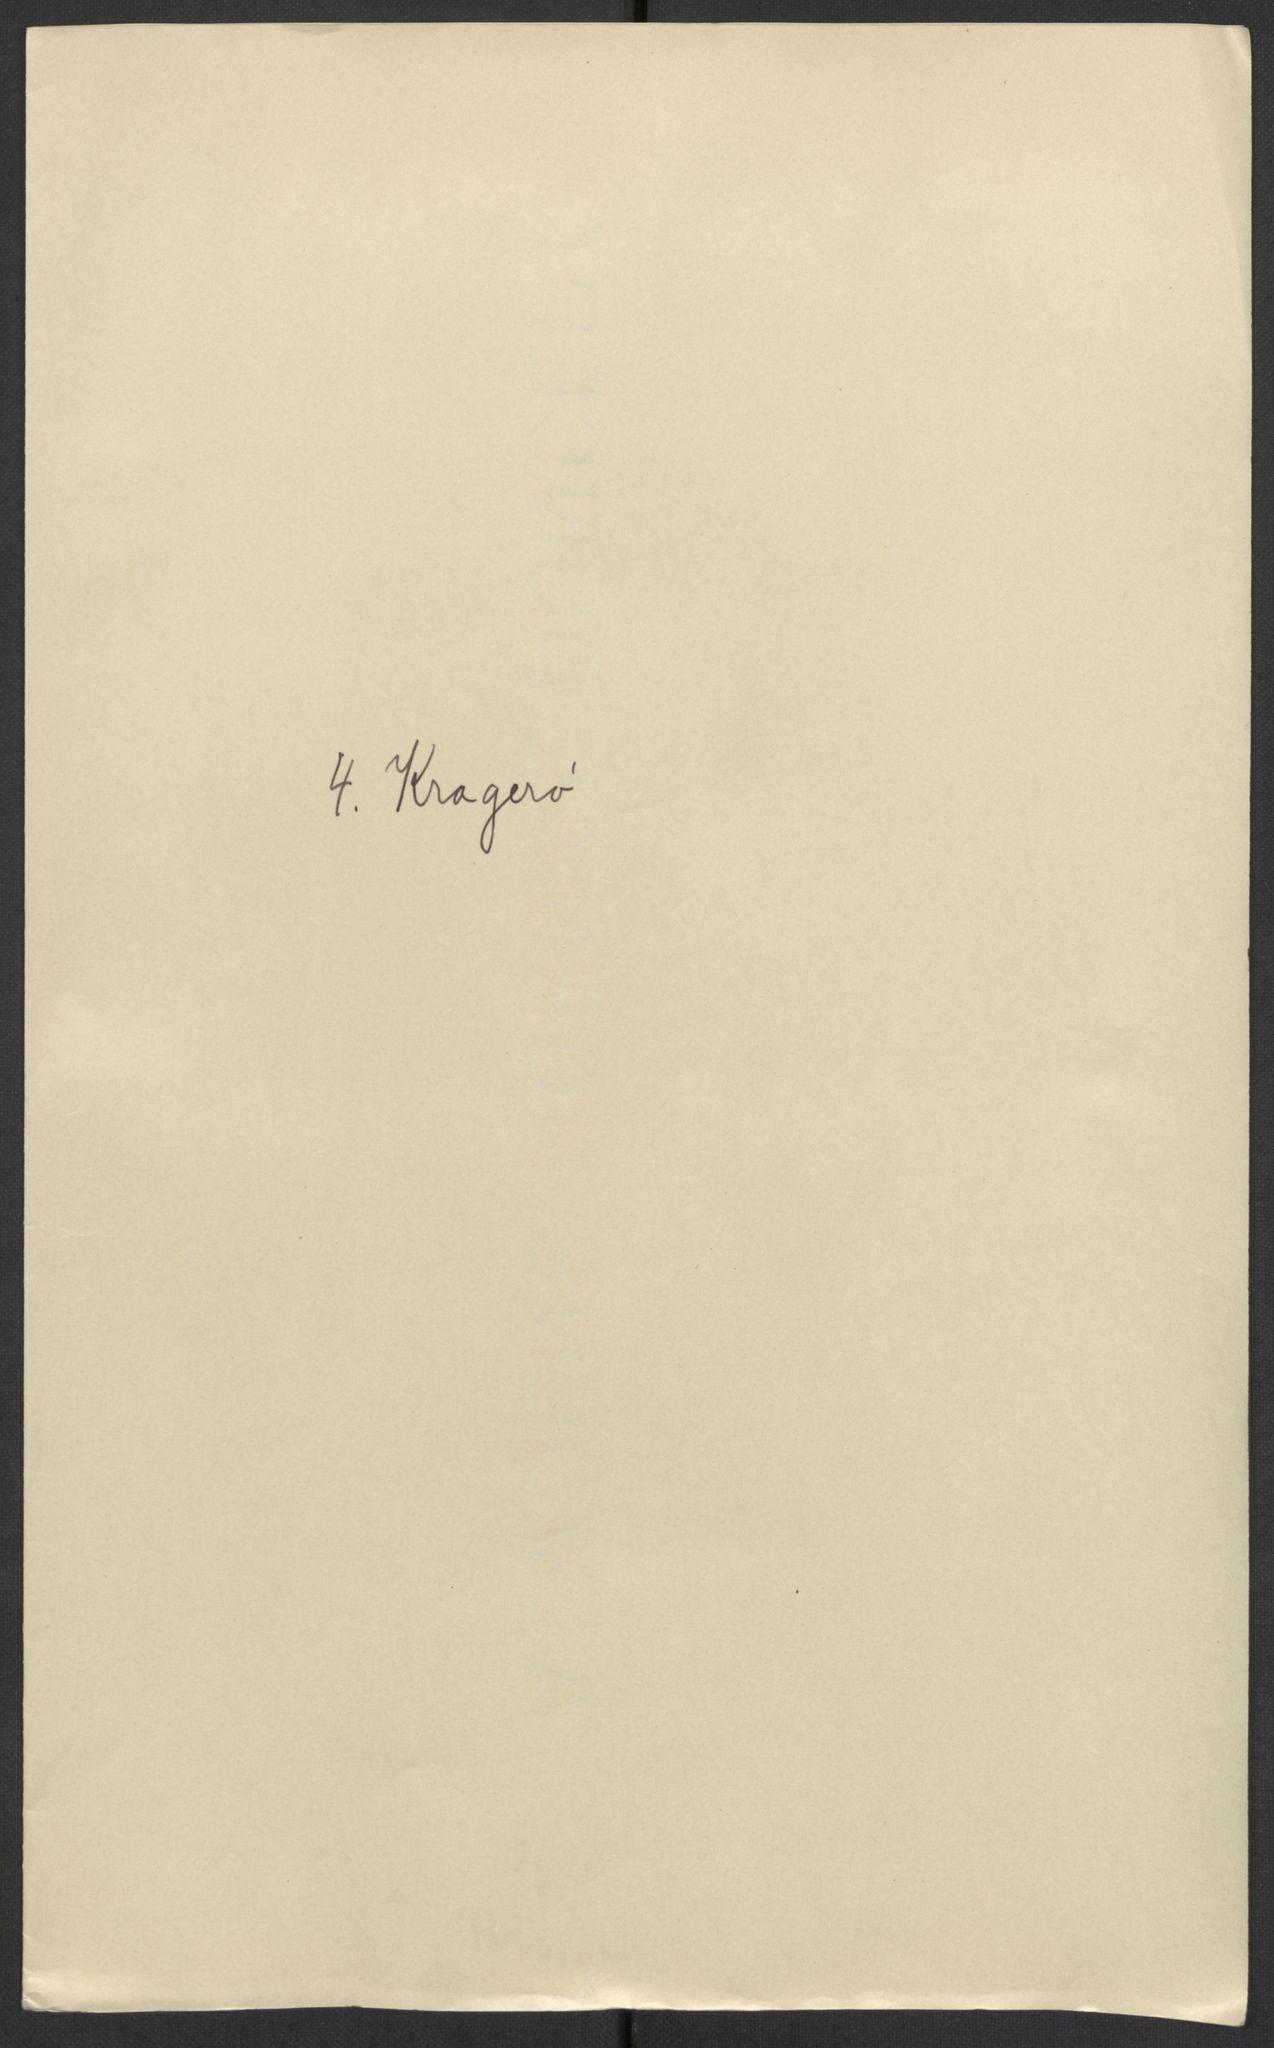 RA, Stattholderembetet 1572-1771, El/L0024: Forskjellige pakkesaker, 1667, s. 16